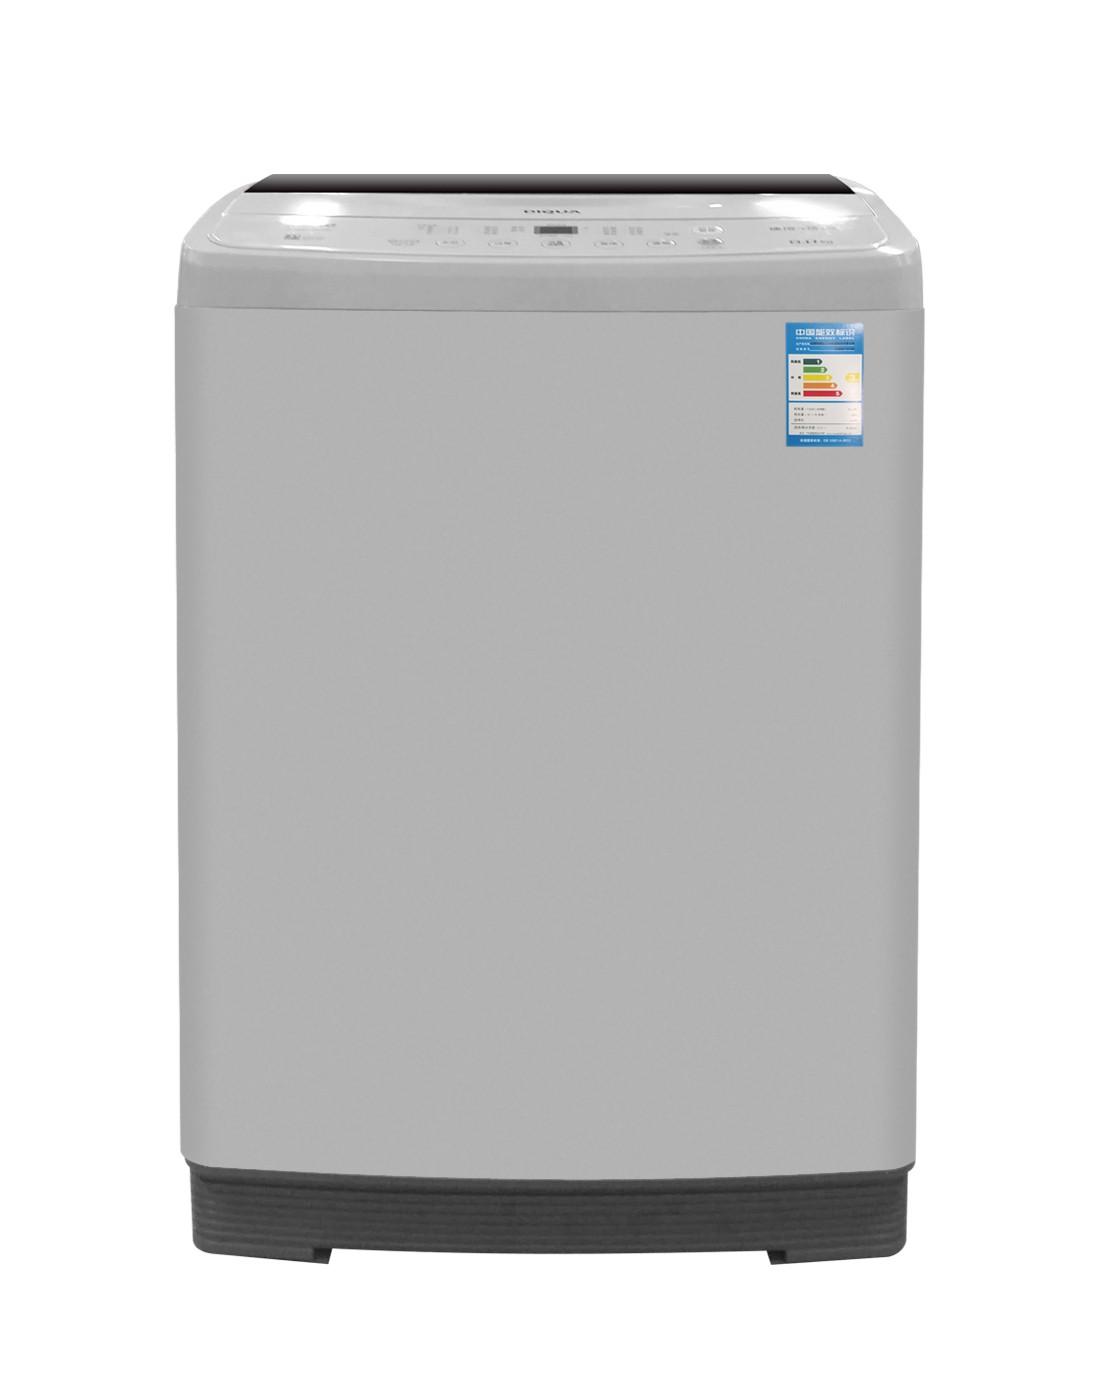 大家电明星单品-三洋sanyo洗衣机专场-【抗菌波轮】大容量8公斤变速洗